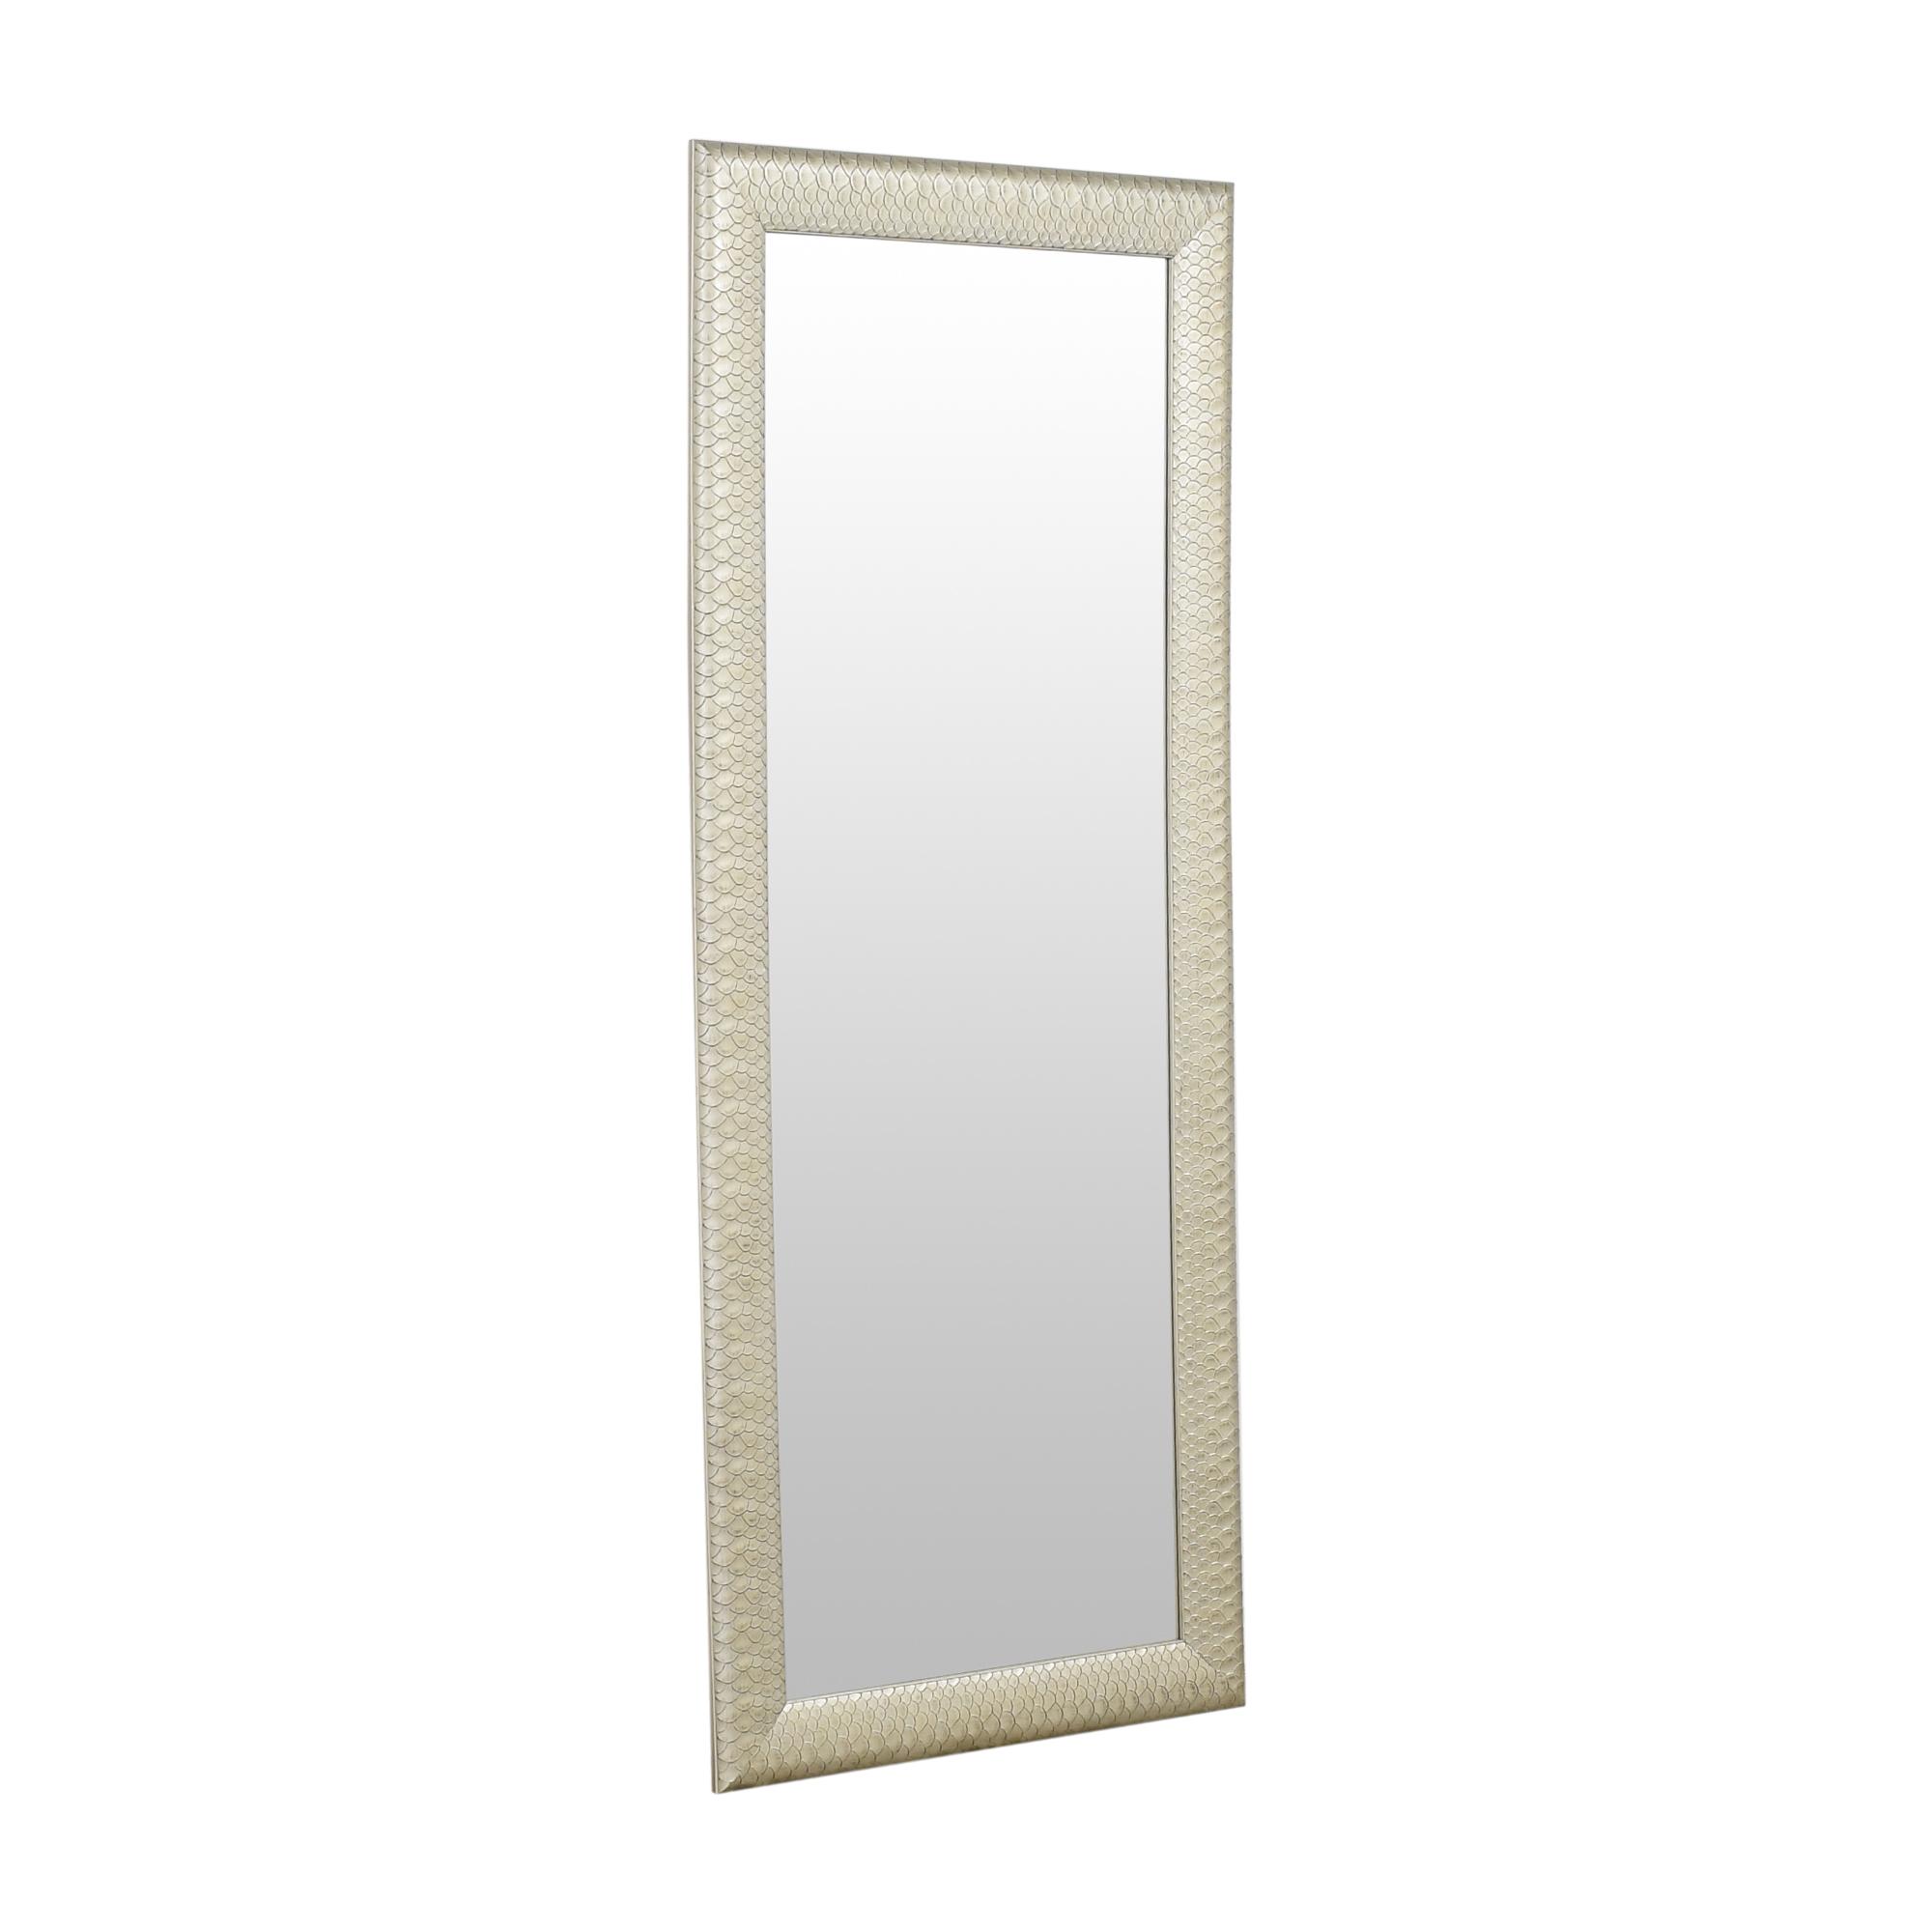 buy Wayfair Tall Framed Mirror Wayfair Decor